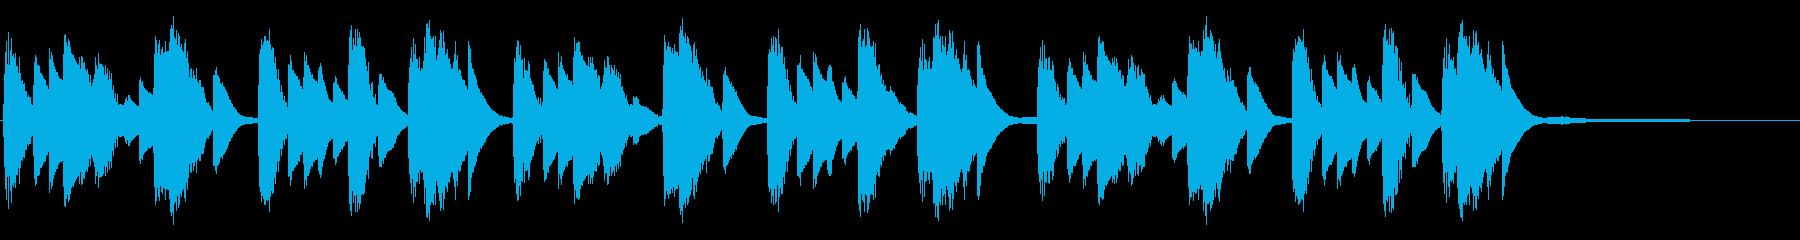 機能性・便利なイメージを与えるピアノソロの再生済みの波形